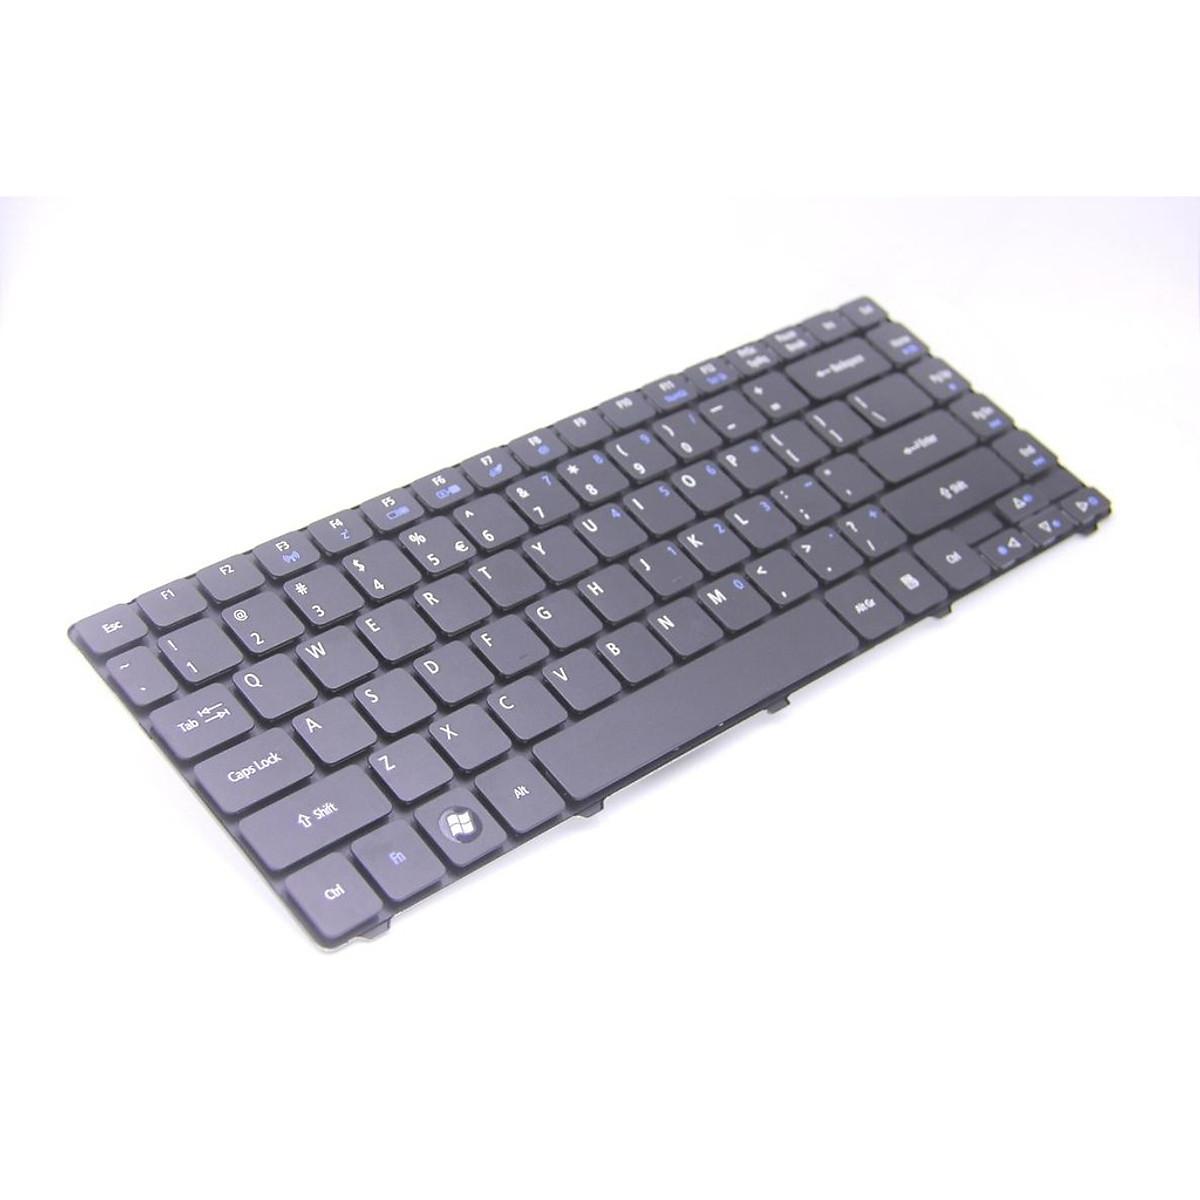 Bàn phím dành cho Laptop Acer aspire 4736, 4736Z, 4736ZG